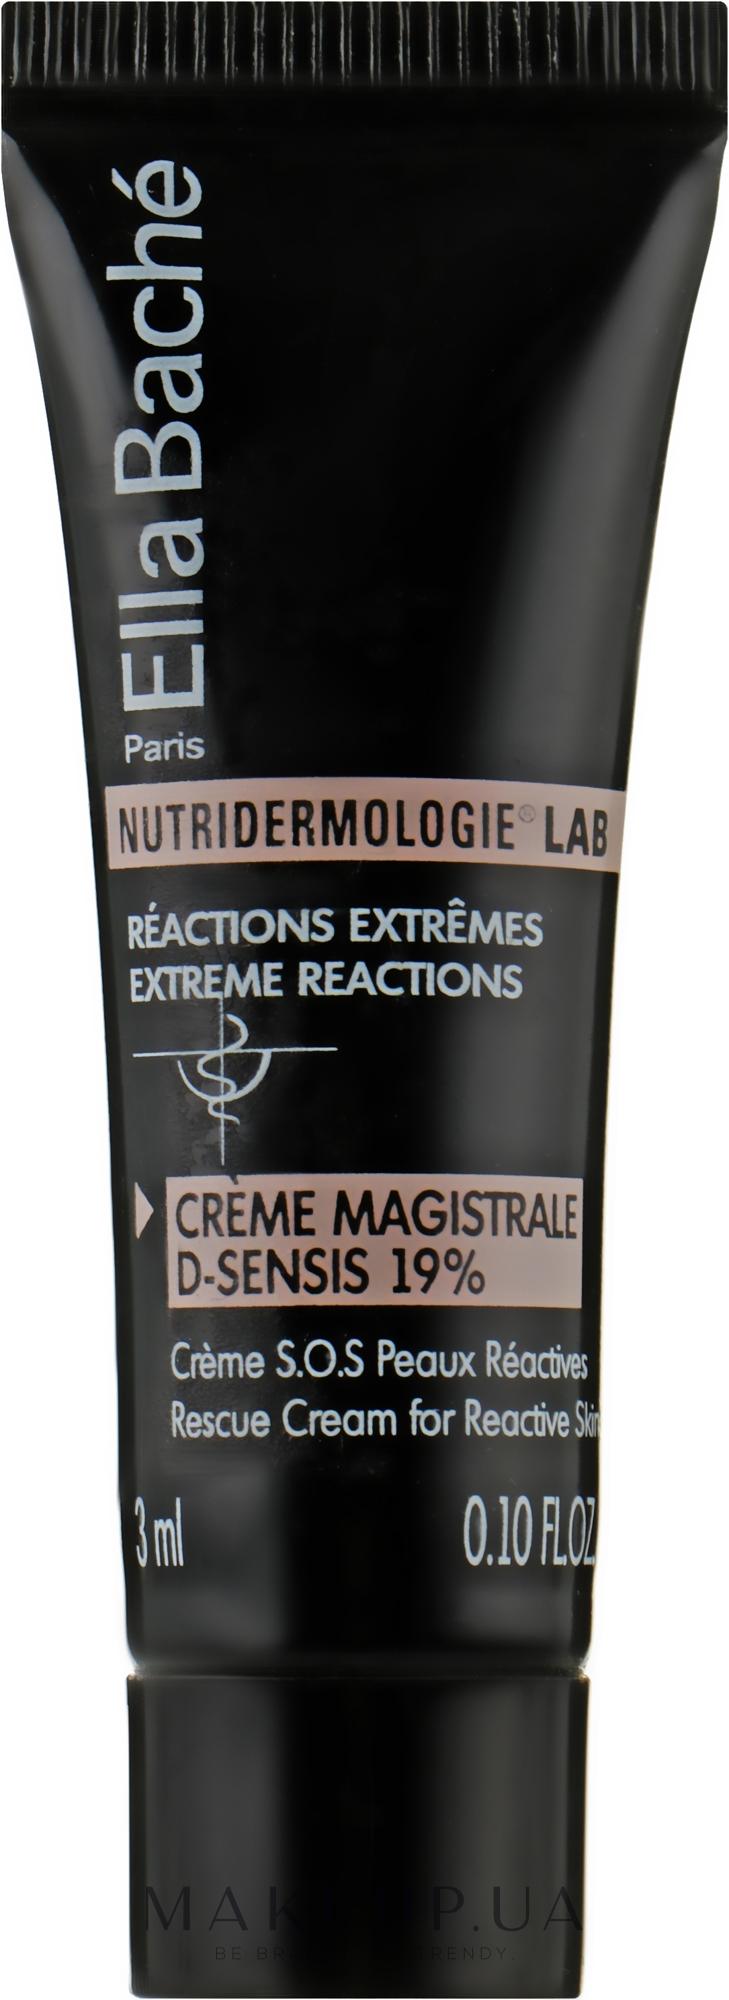 Крем для шкіри підвищеної чутливості - Ella Bache Nutridermologie® Lab Creme Magistral D-Sensis 19 % (пробник) — фото 3ml